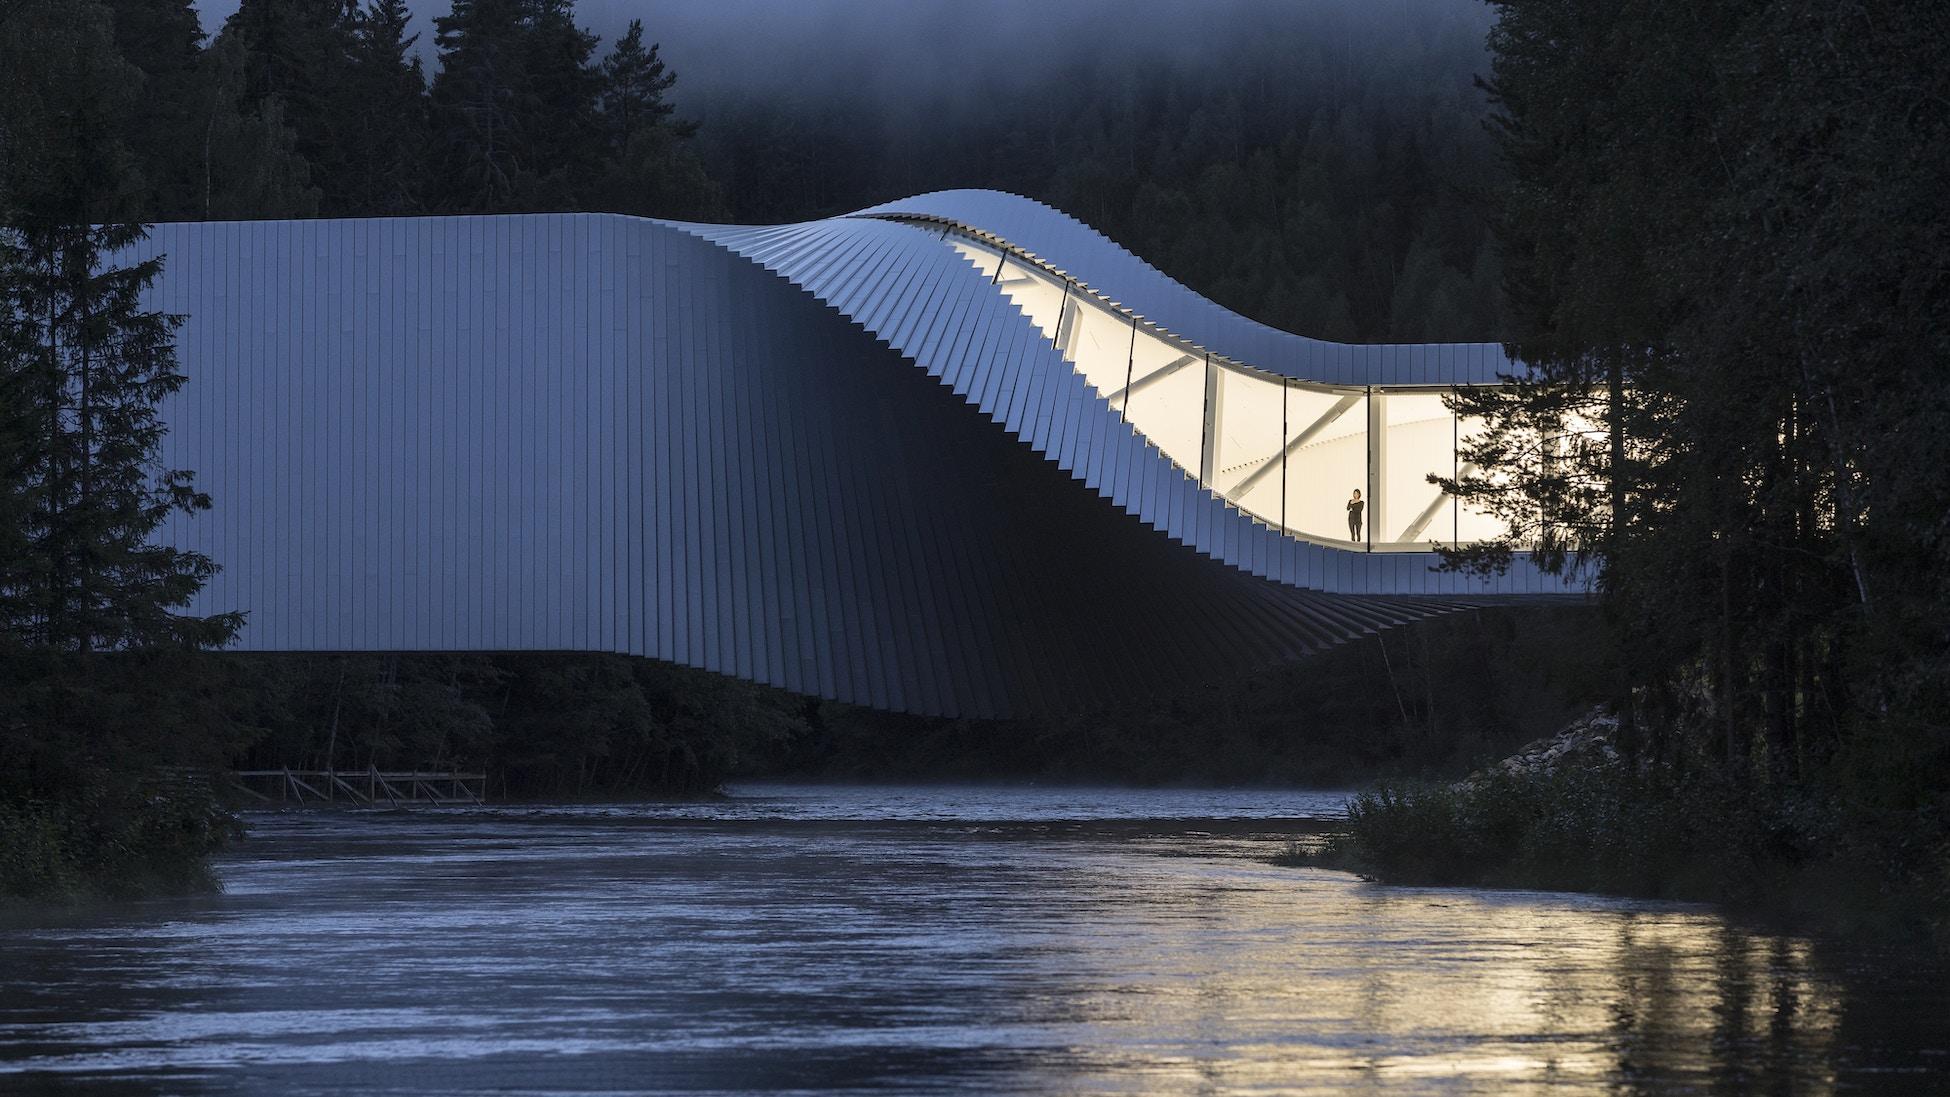 Bygg som også er en bro, plassert over en elv.